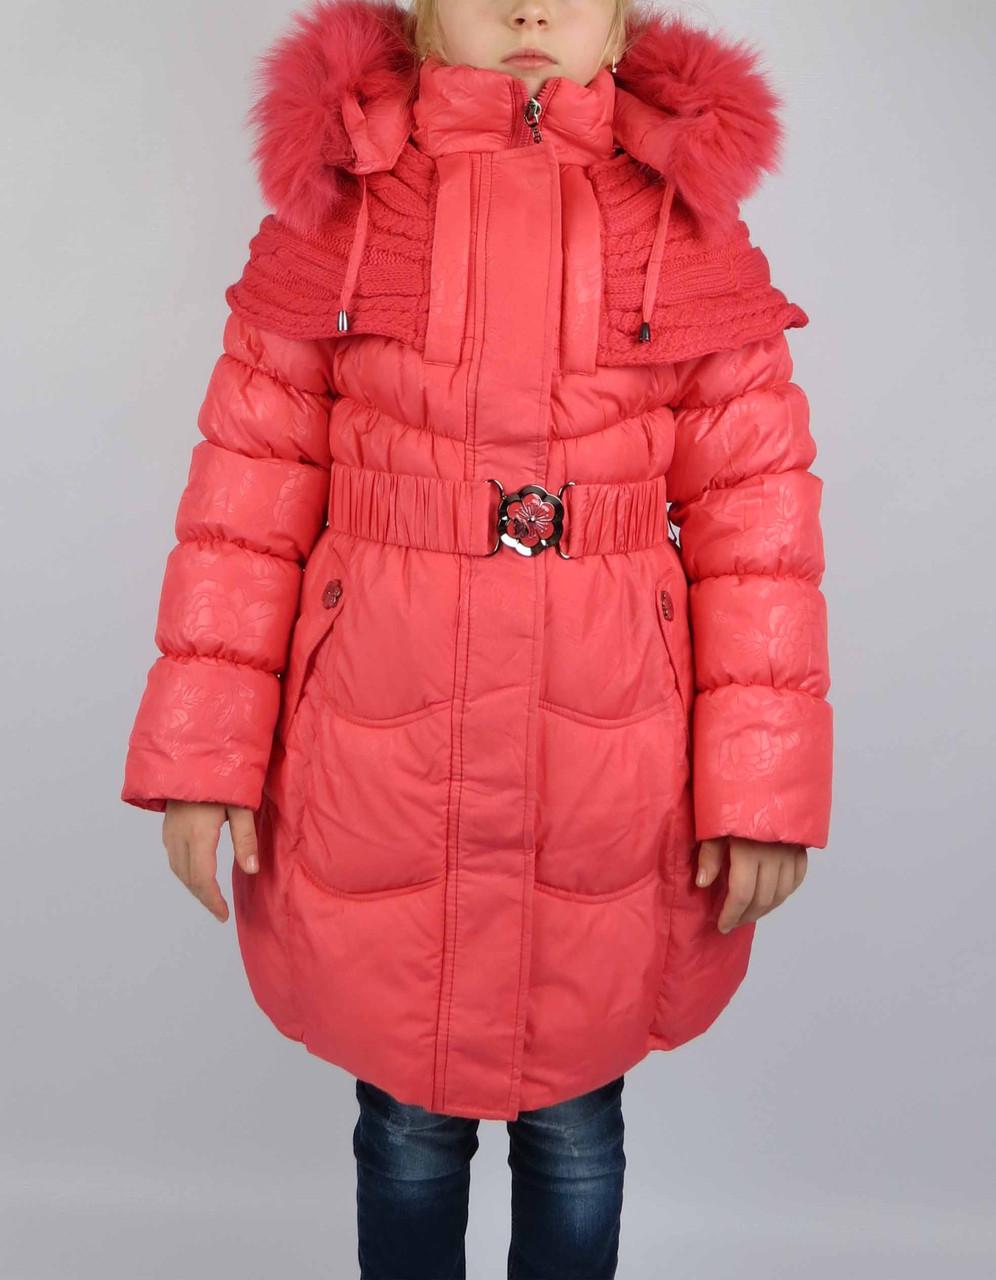 Пальто зимнее ворот вязан  размеры с 7-15 лет размеры 128-152см, фото 1